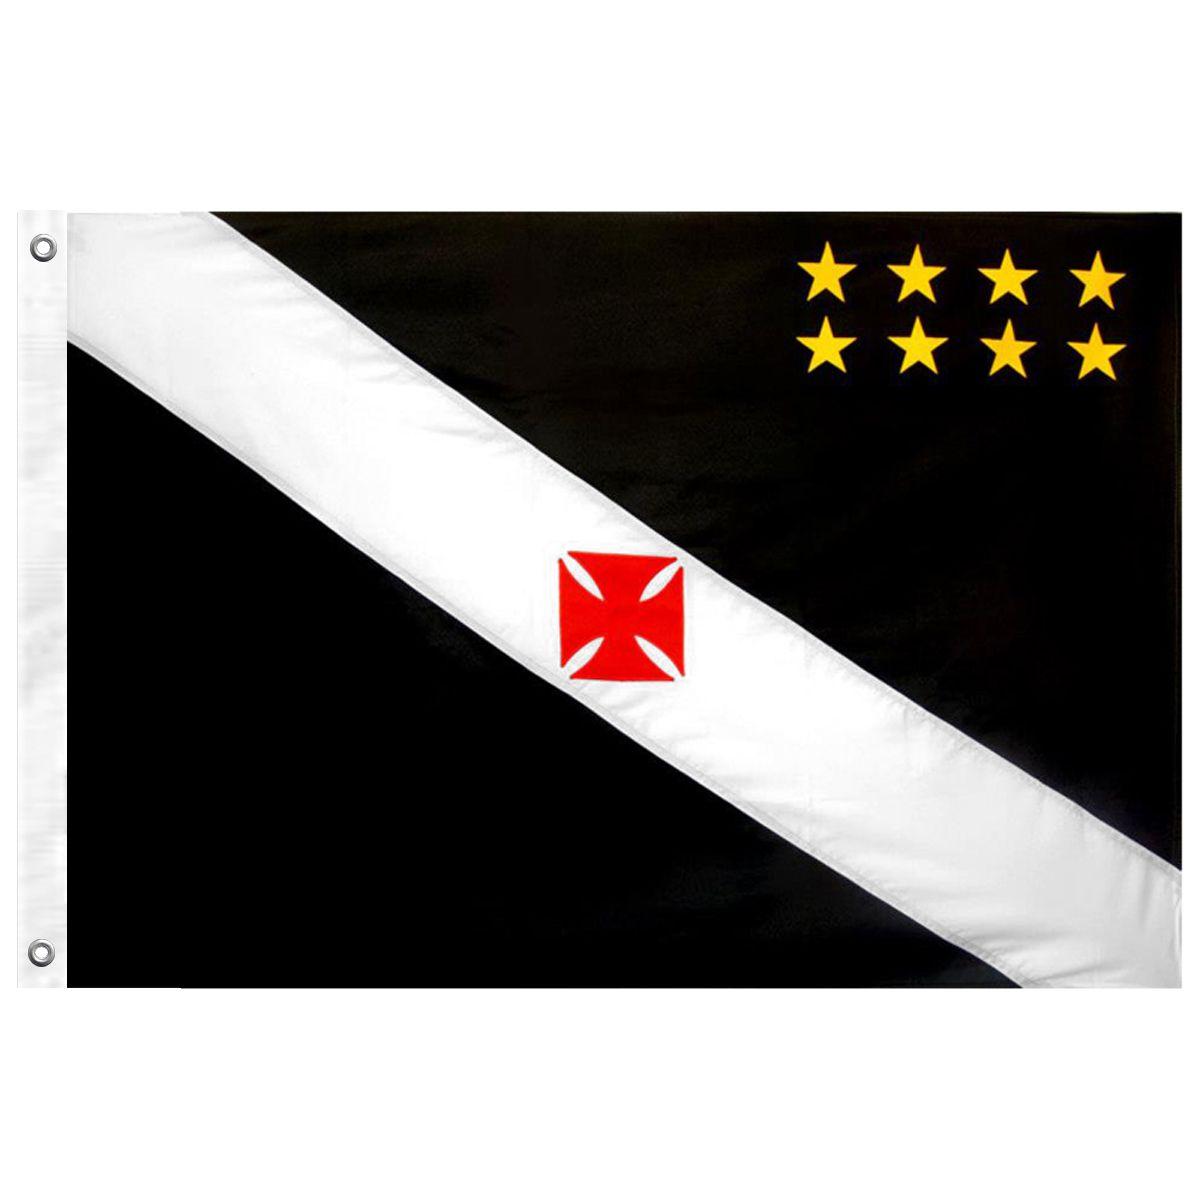 Bandeira Oficial do Vasco da Gama 96 x 68 cm